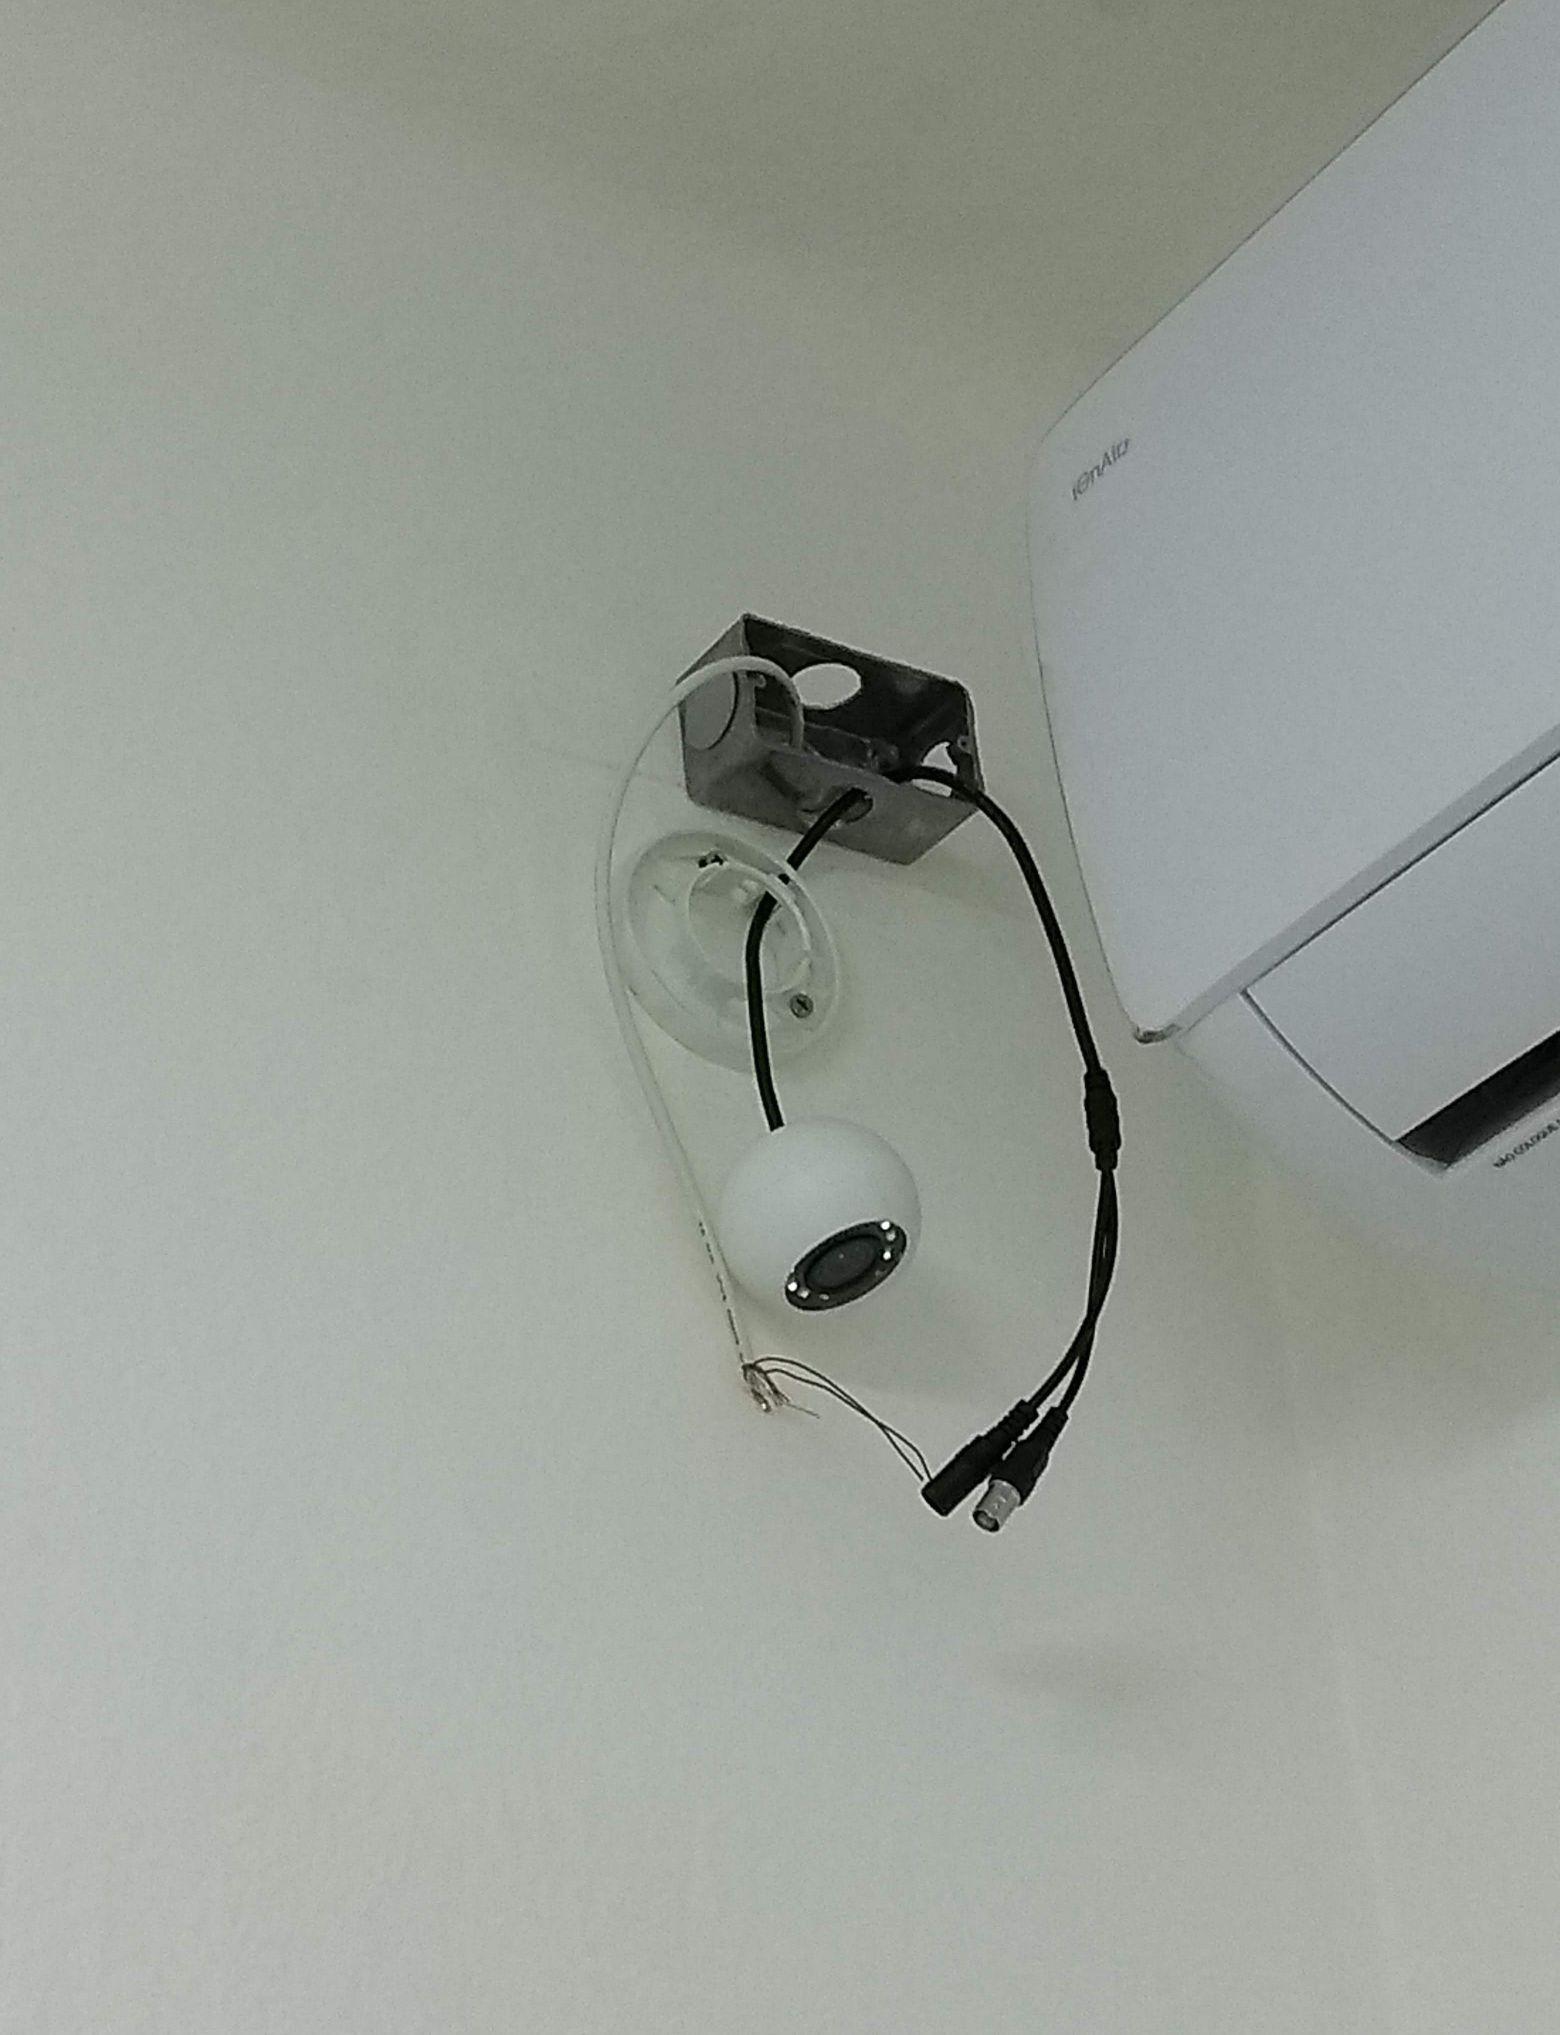 Finalizando a instalação das câmeras